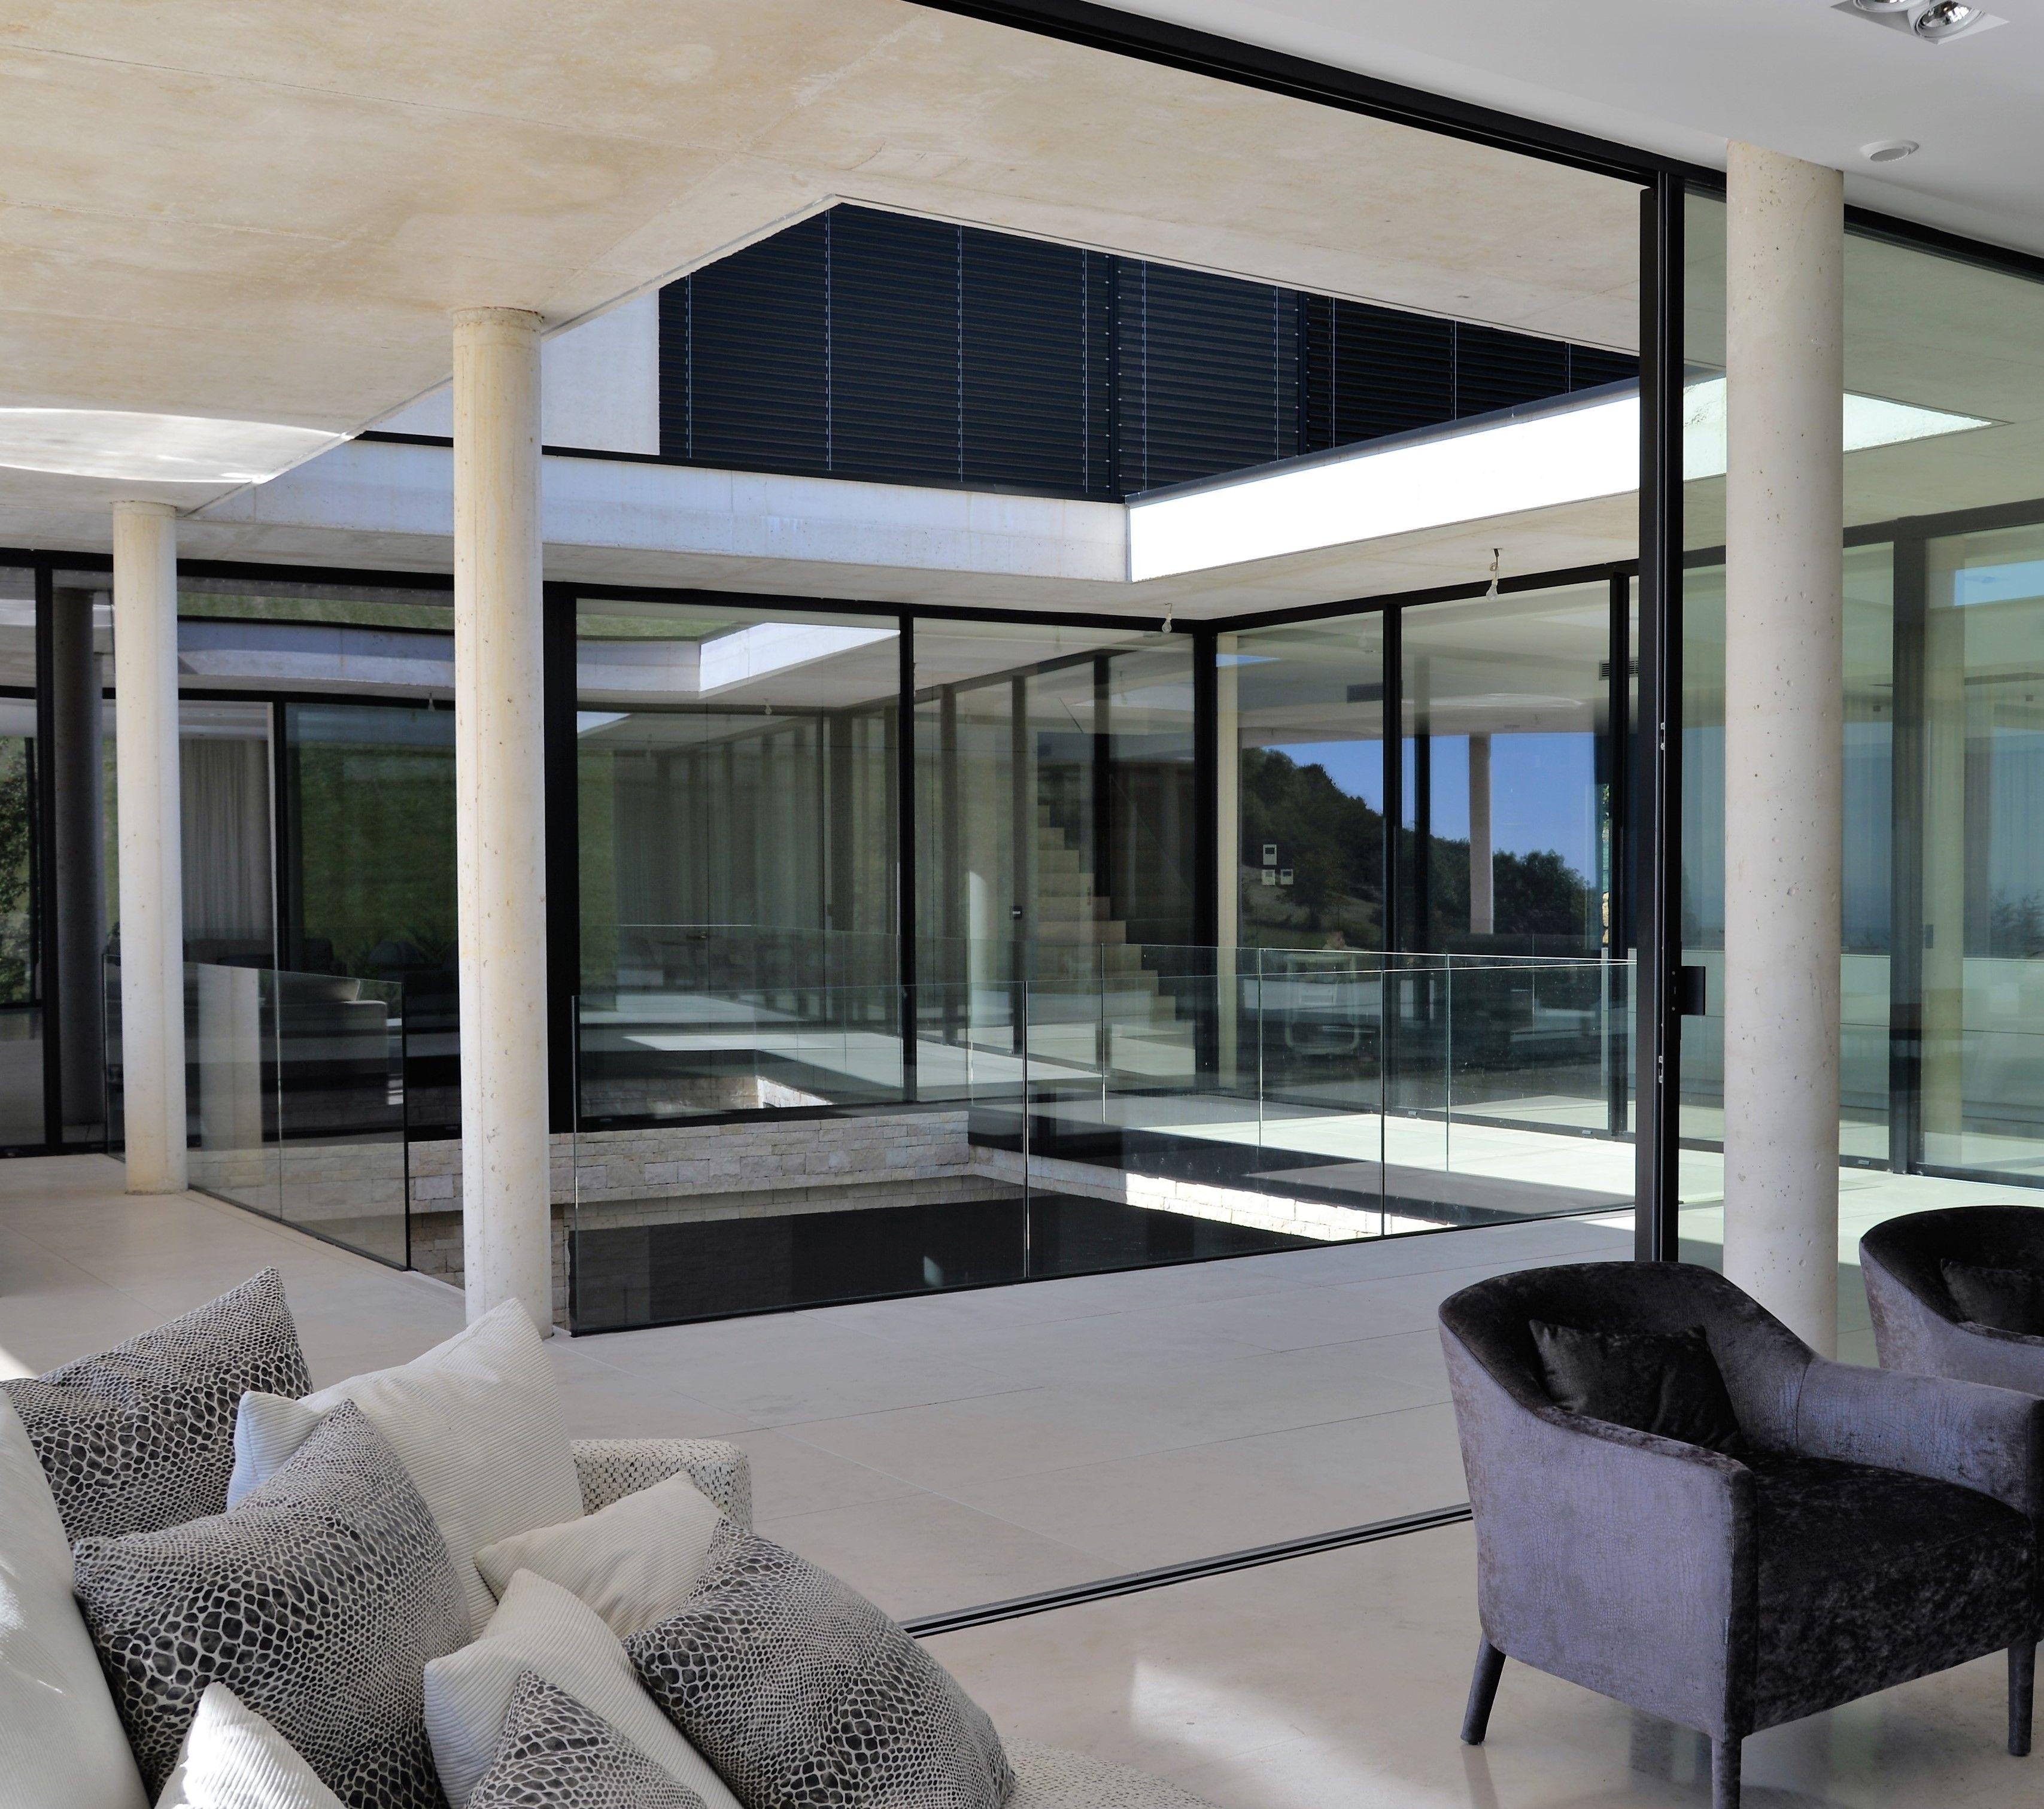 Maison moderne lyon architectes lyon for Maison moderne lyon